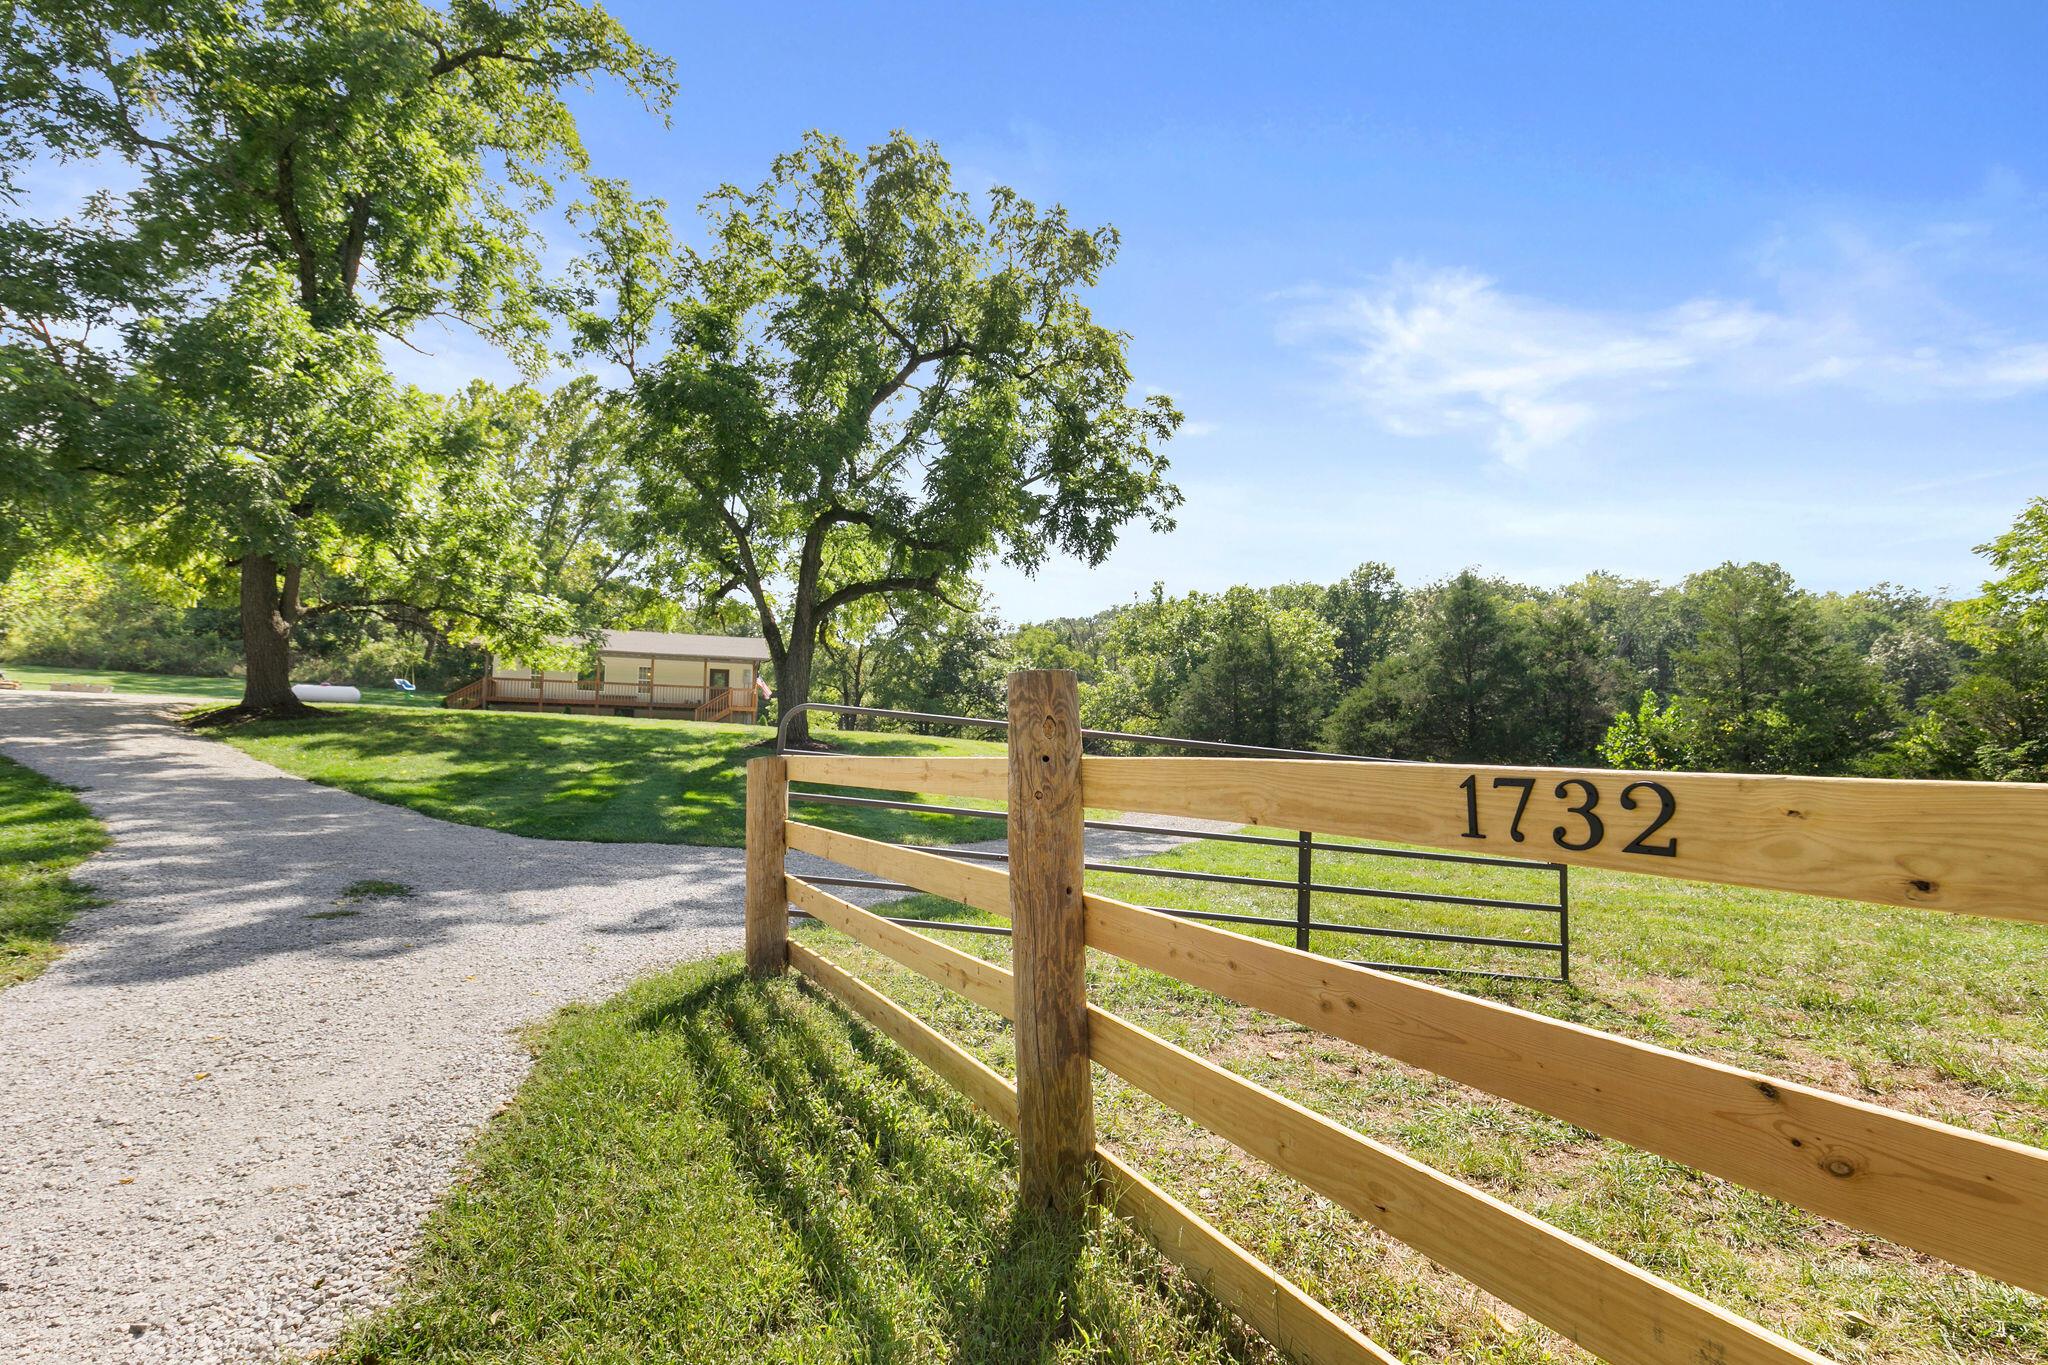 1732 Holt Woods Road Reeds Spring, MO 65737